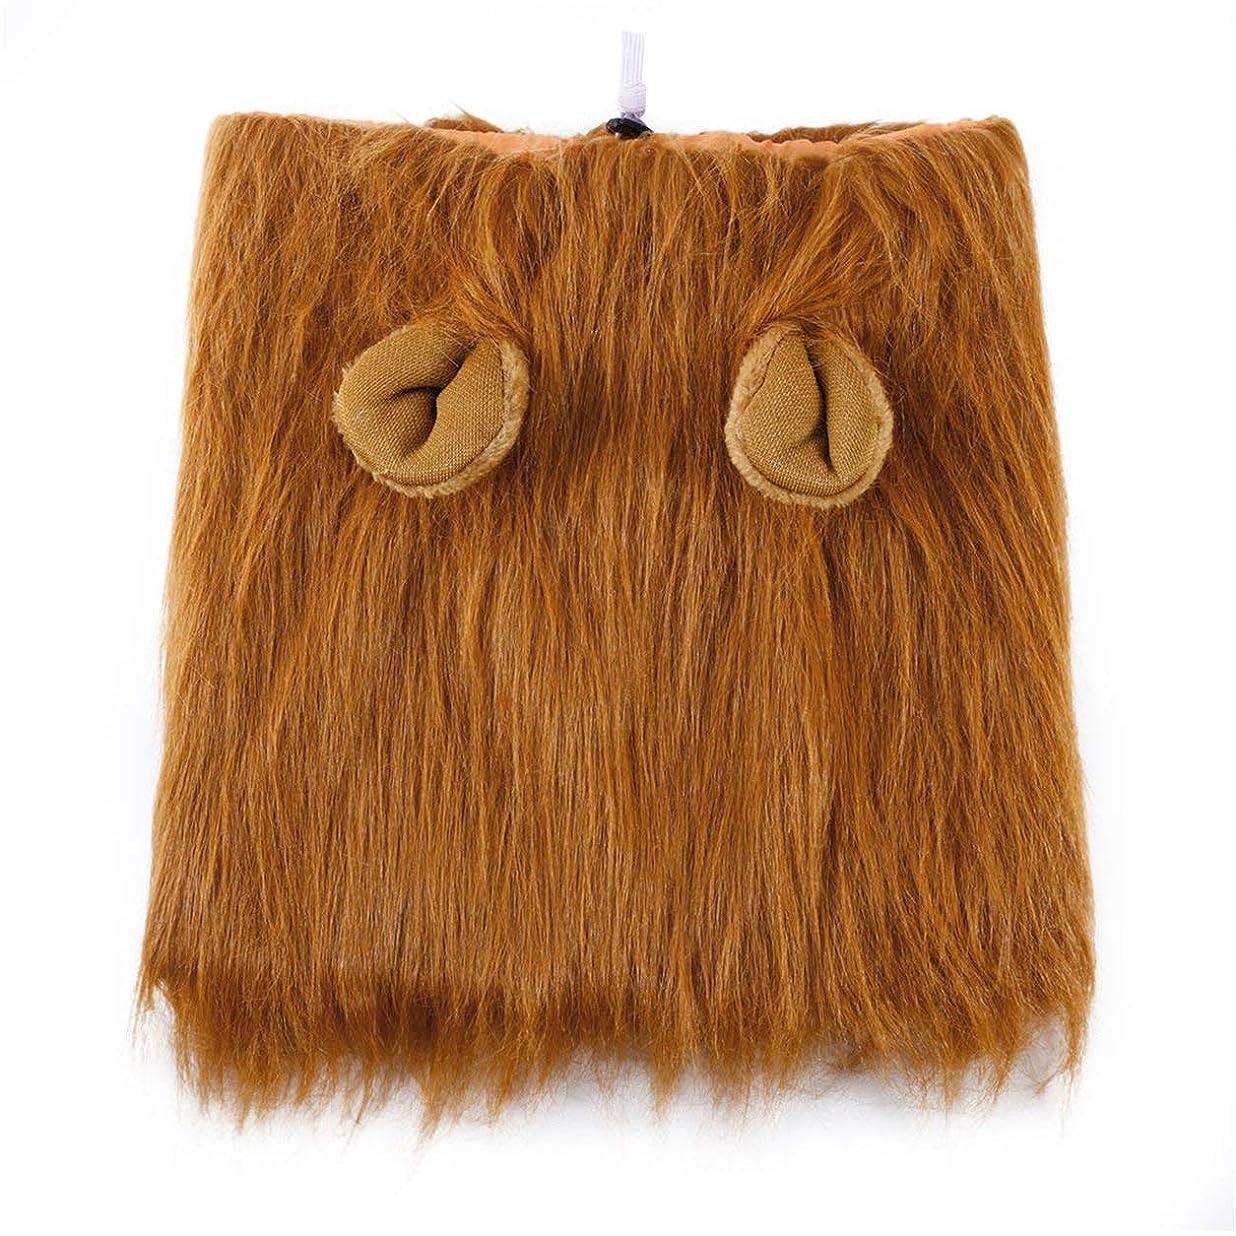 シャンパン乳製品良心Saikogoods 犬のための動物ペットコスチューム ライオンウィッグたてがみの髪スカーフ パーティーファンシードレス服 犬のコスチューム フェスティバルパーティーファンシードレス 黄